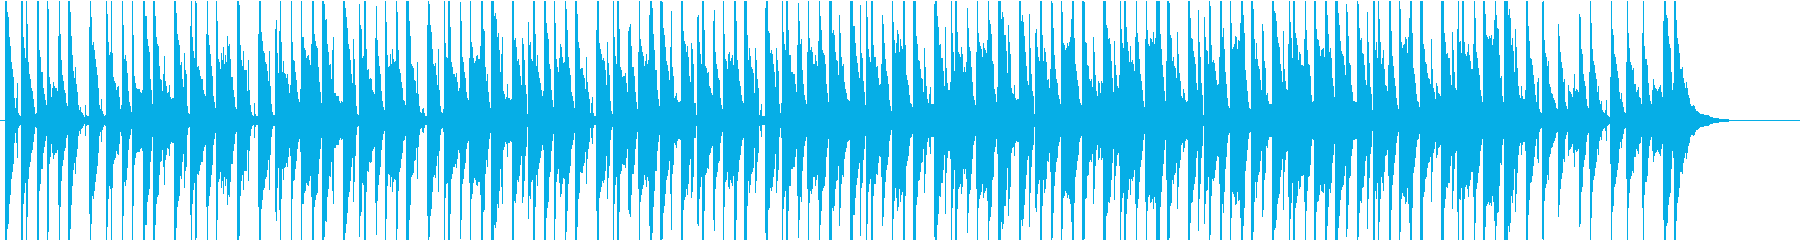 ウクレレほのぼのPOP2の再生済みの波形